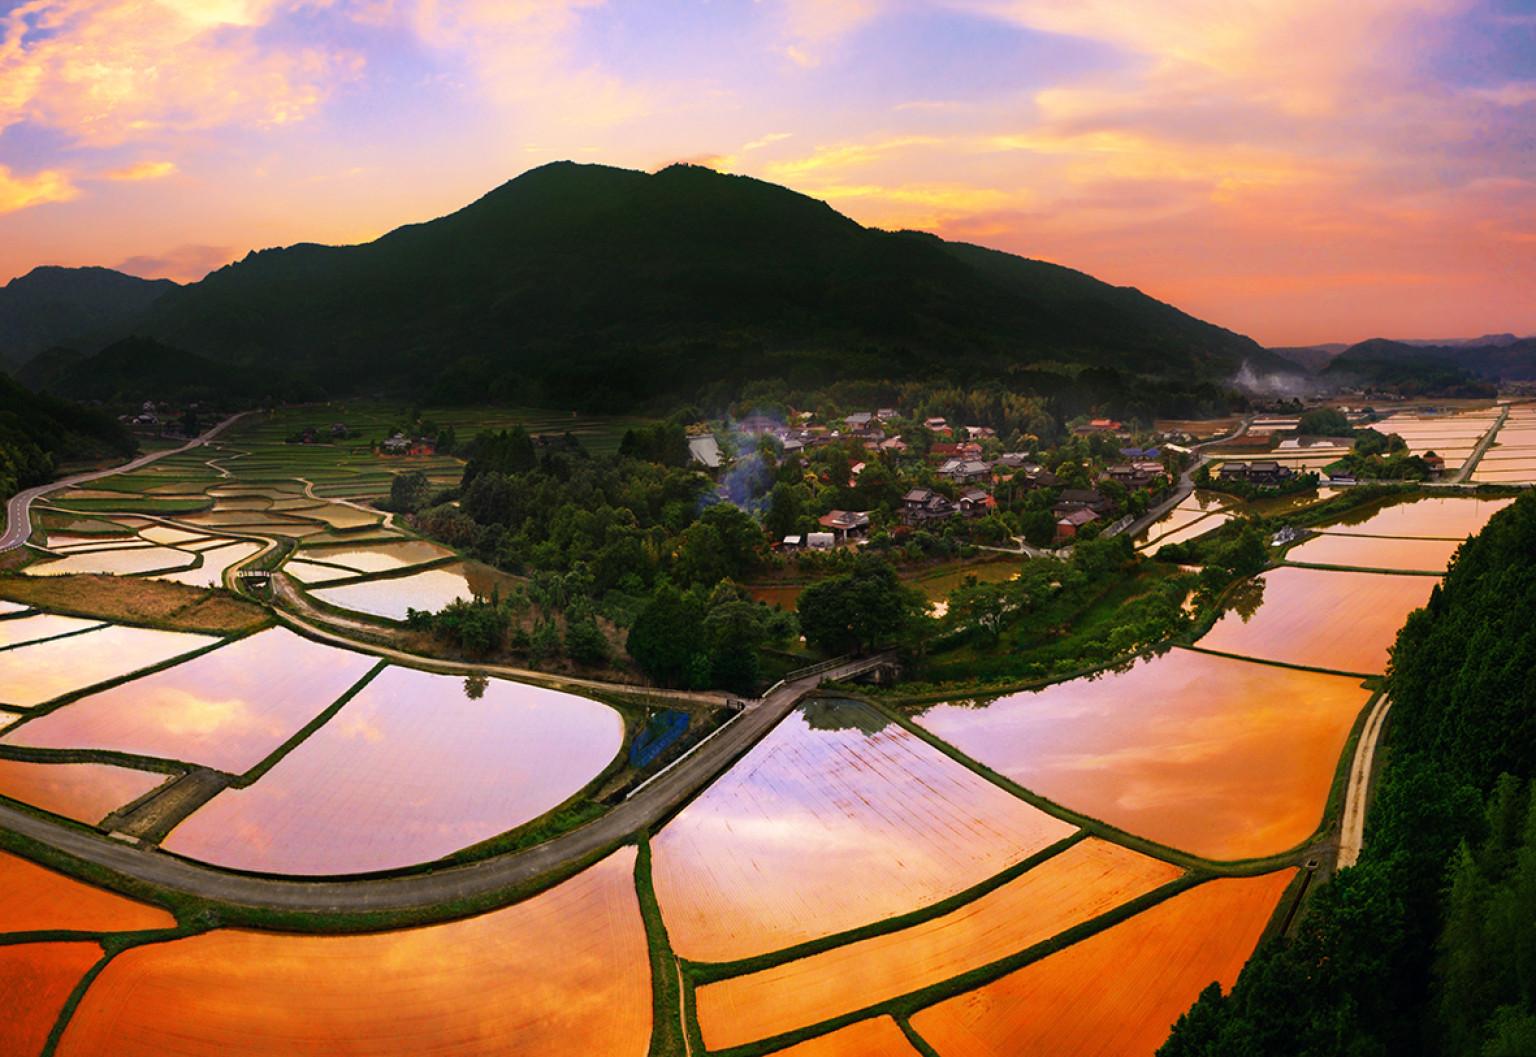 絶景写真 美しすぎる日本の風景【画像】